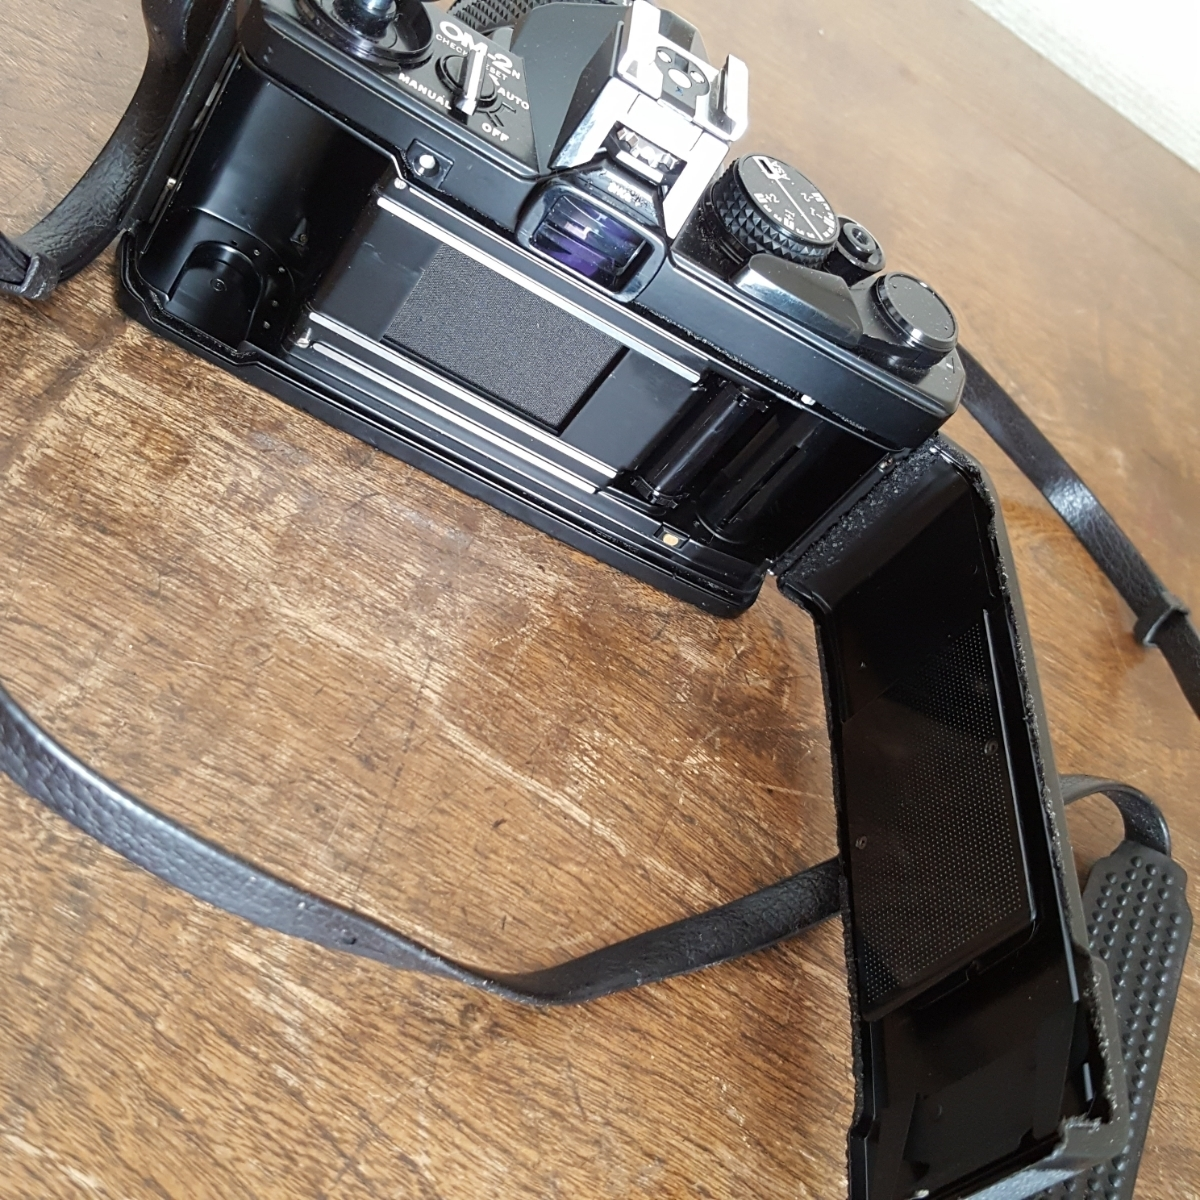 蔵出 当時物 カメラ その5 OLYMPUS OM-2N オリンパス レンズ OM-SYSTEM ZUIKO MC AUTO-S 1:1.4 f=50mm 1058965 1059884 昭和 レトロ 日本_画像9